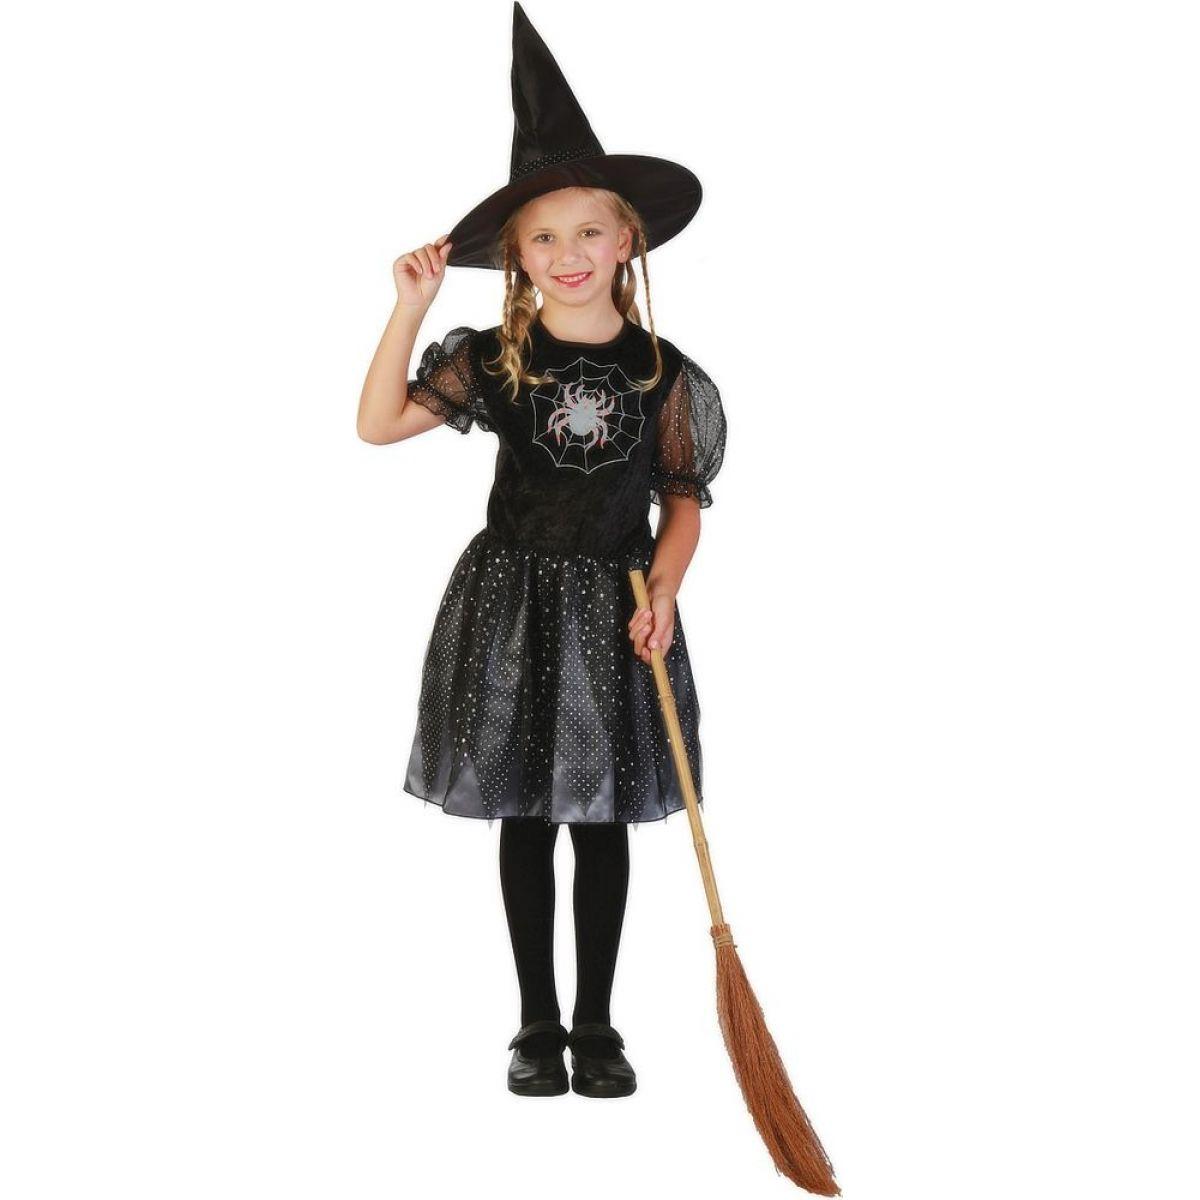 Made Dětský kostým Čarodějnice 120-130 cm